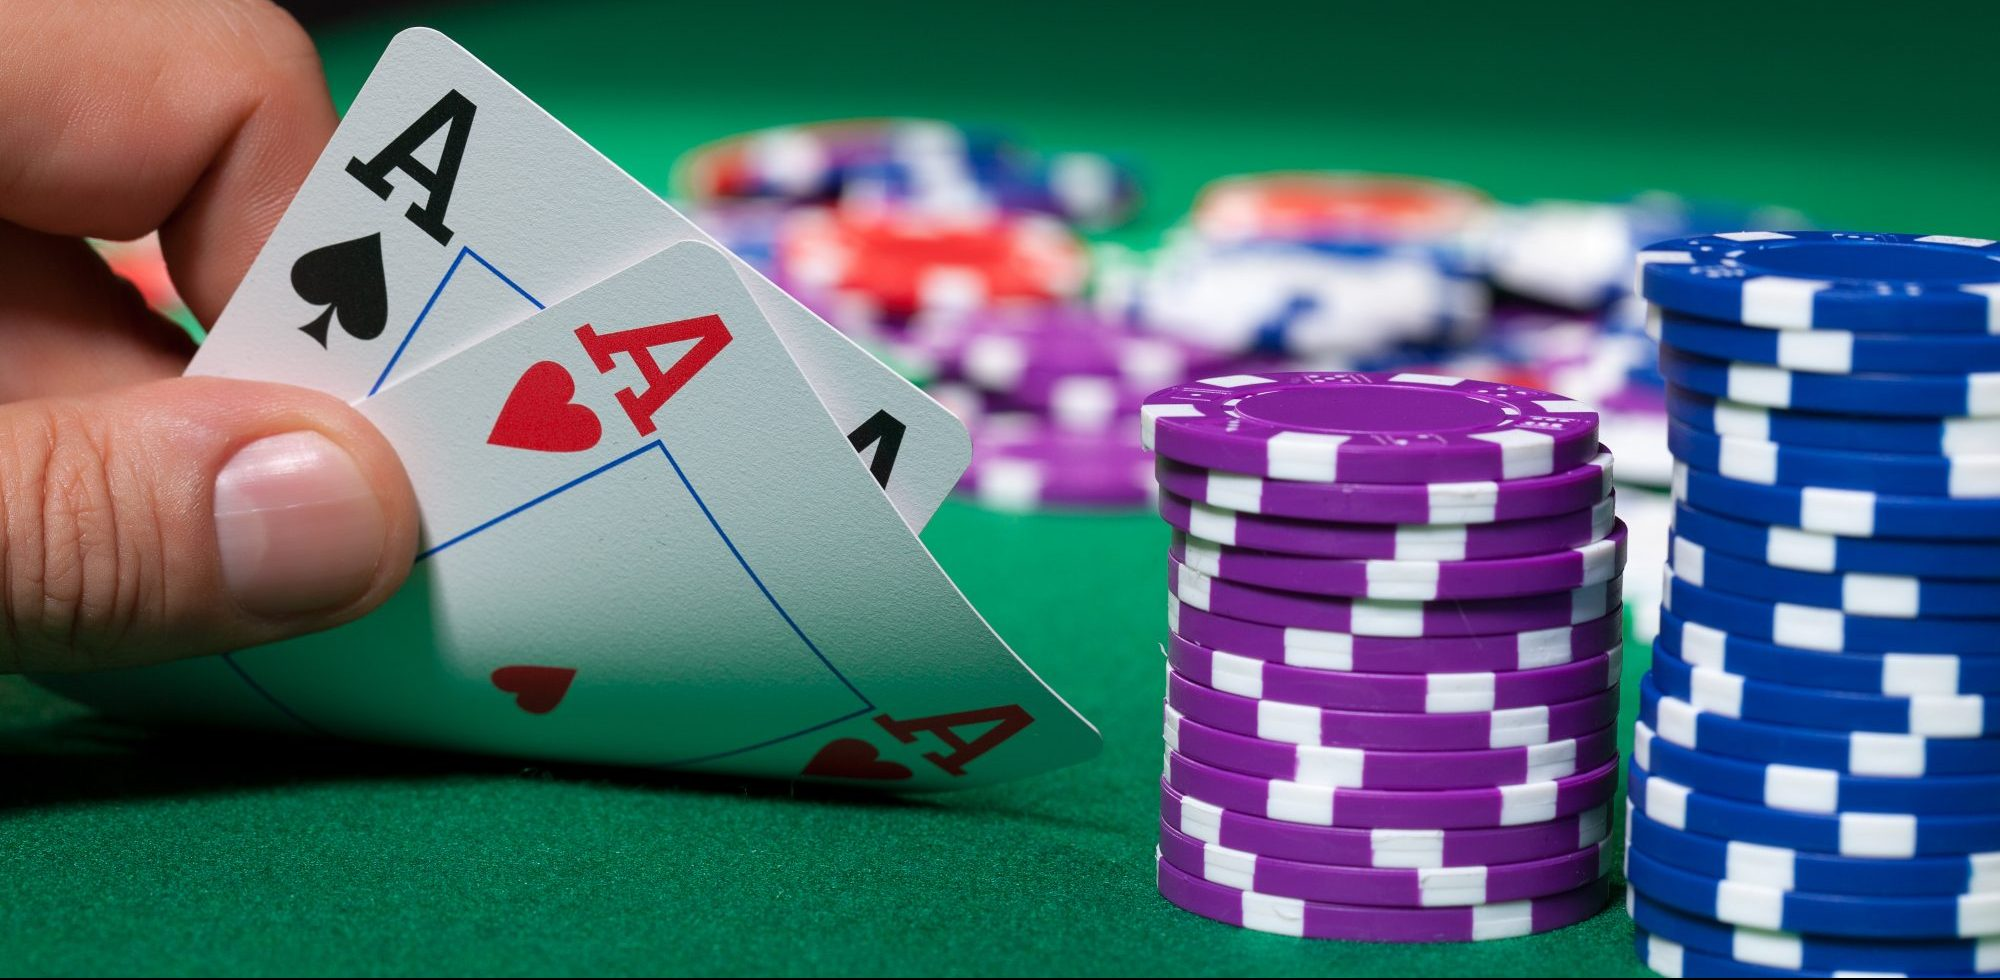 Tornei Poker Online Gratis: dove giocare, le migliori room